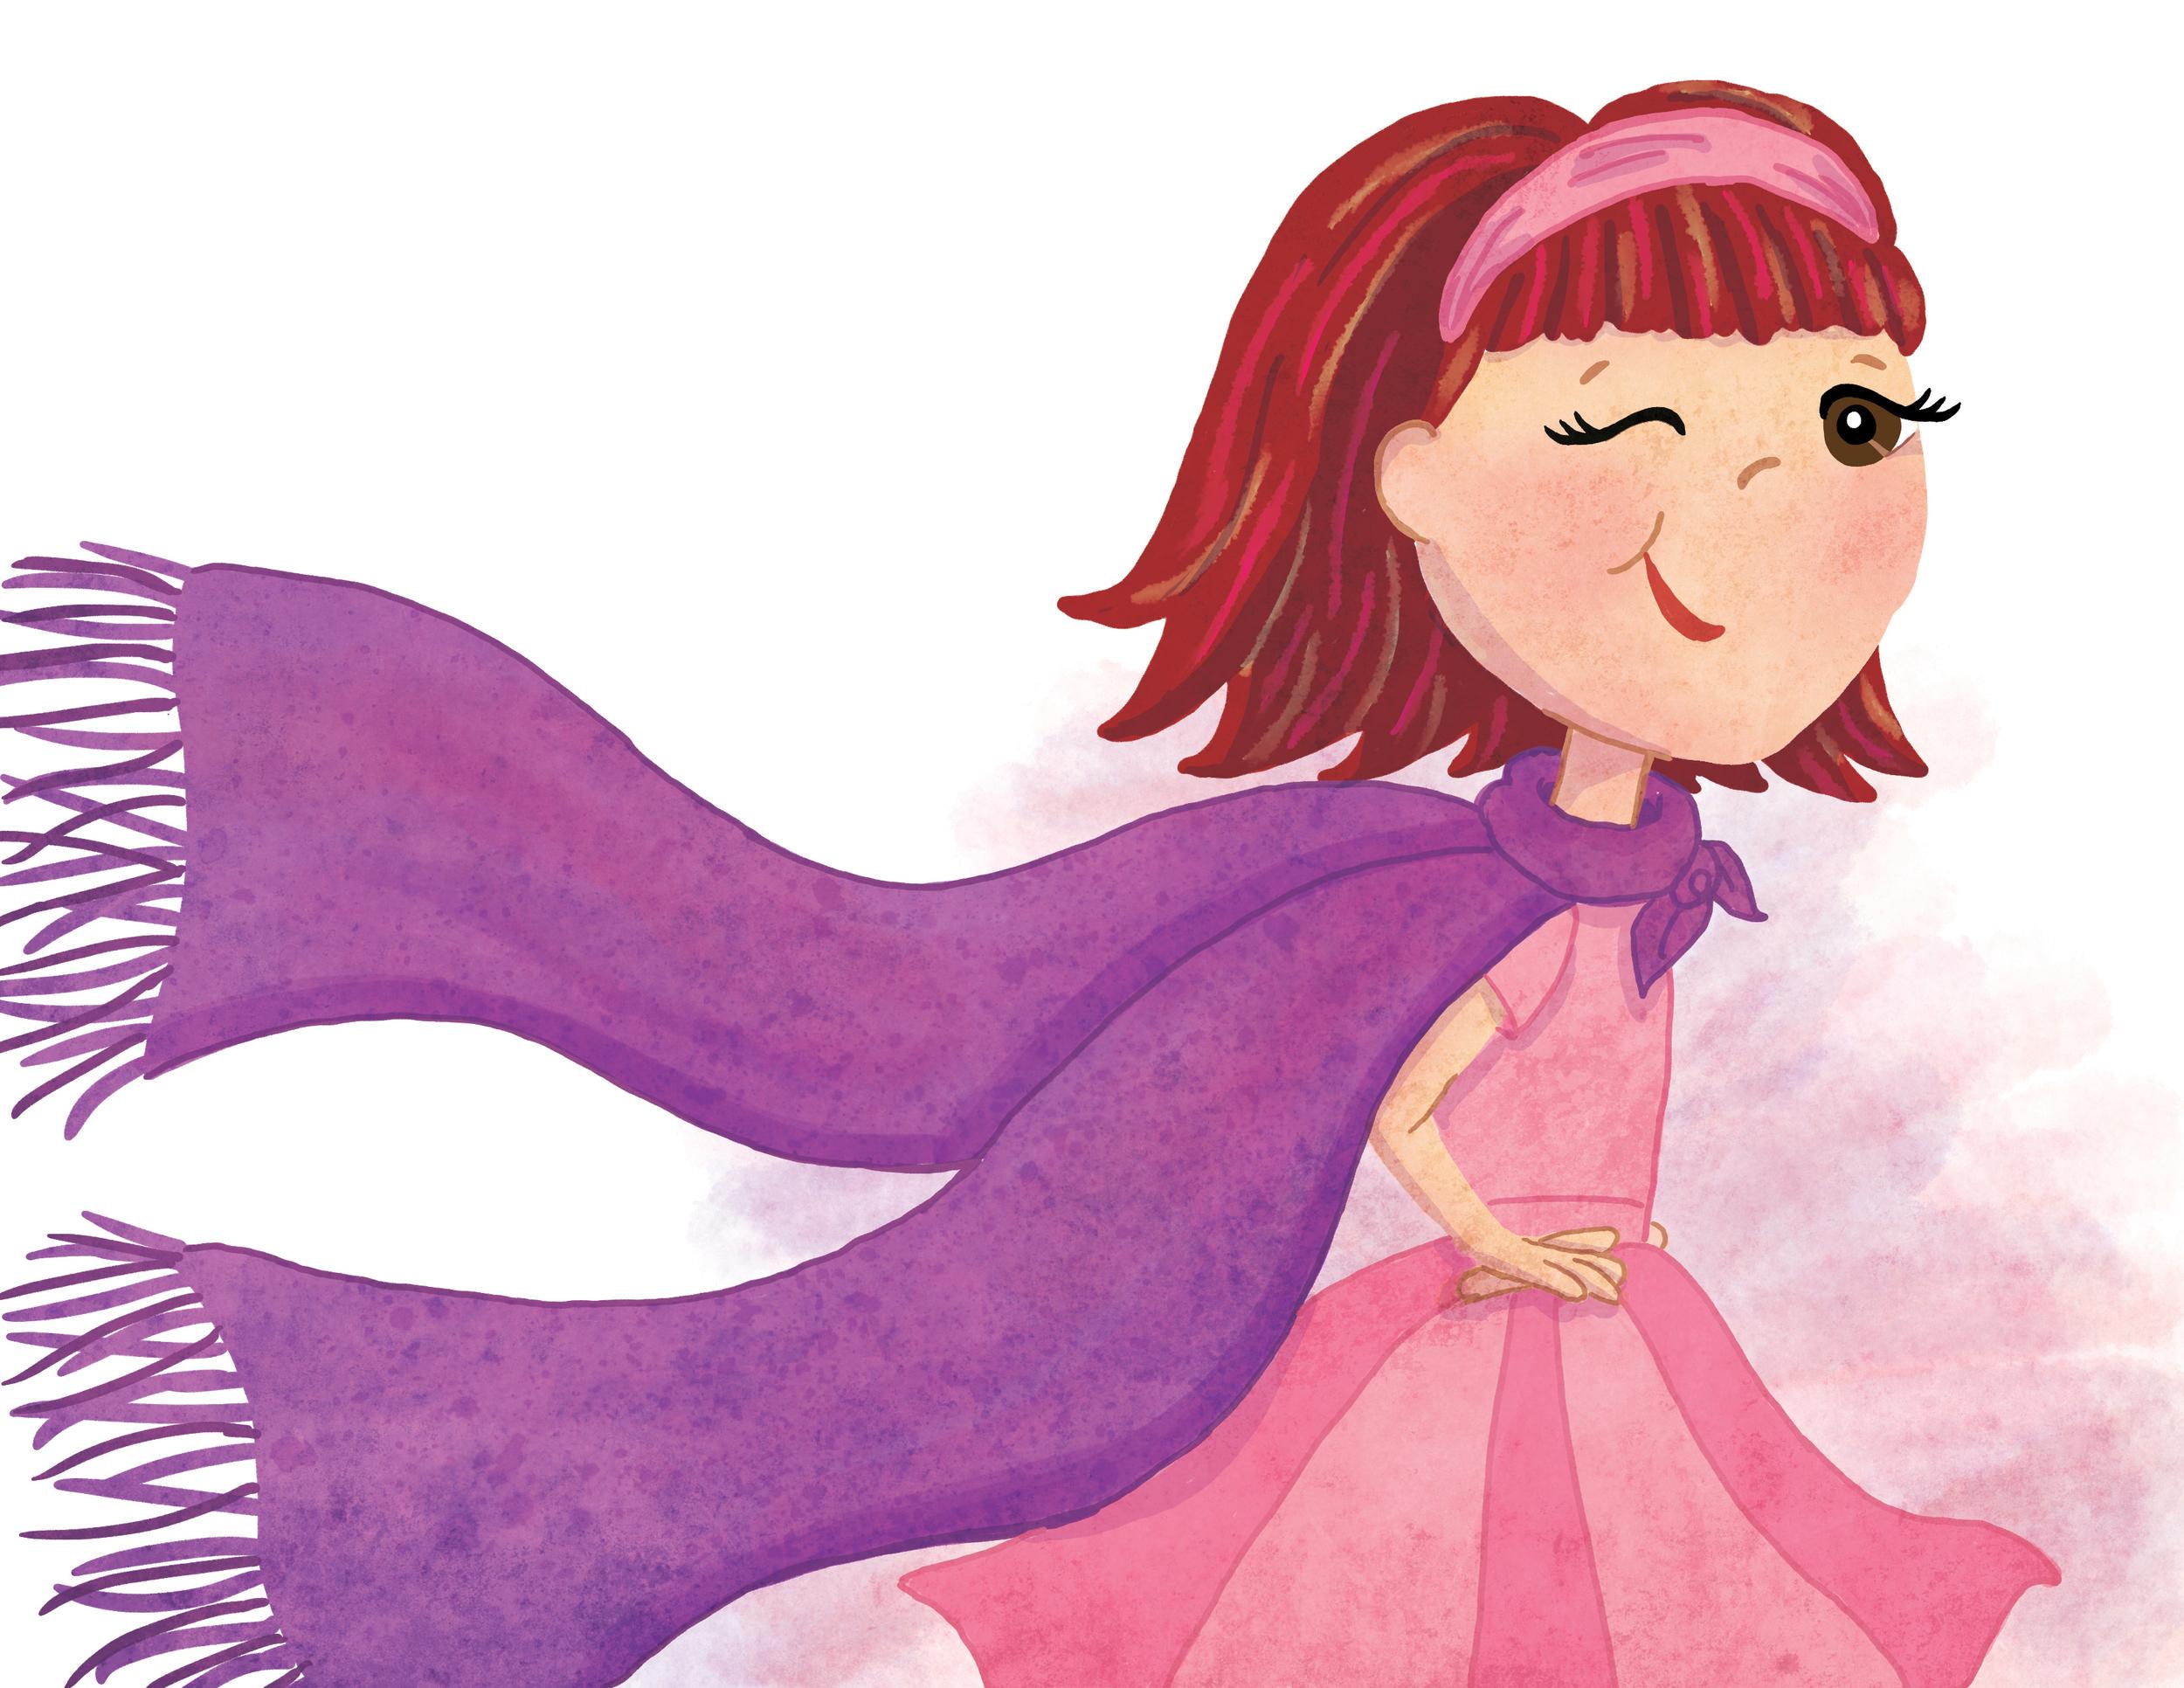 Final Color Illustration